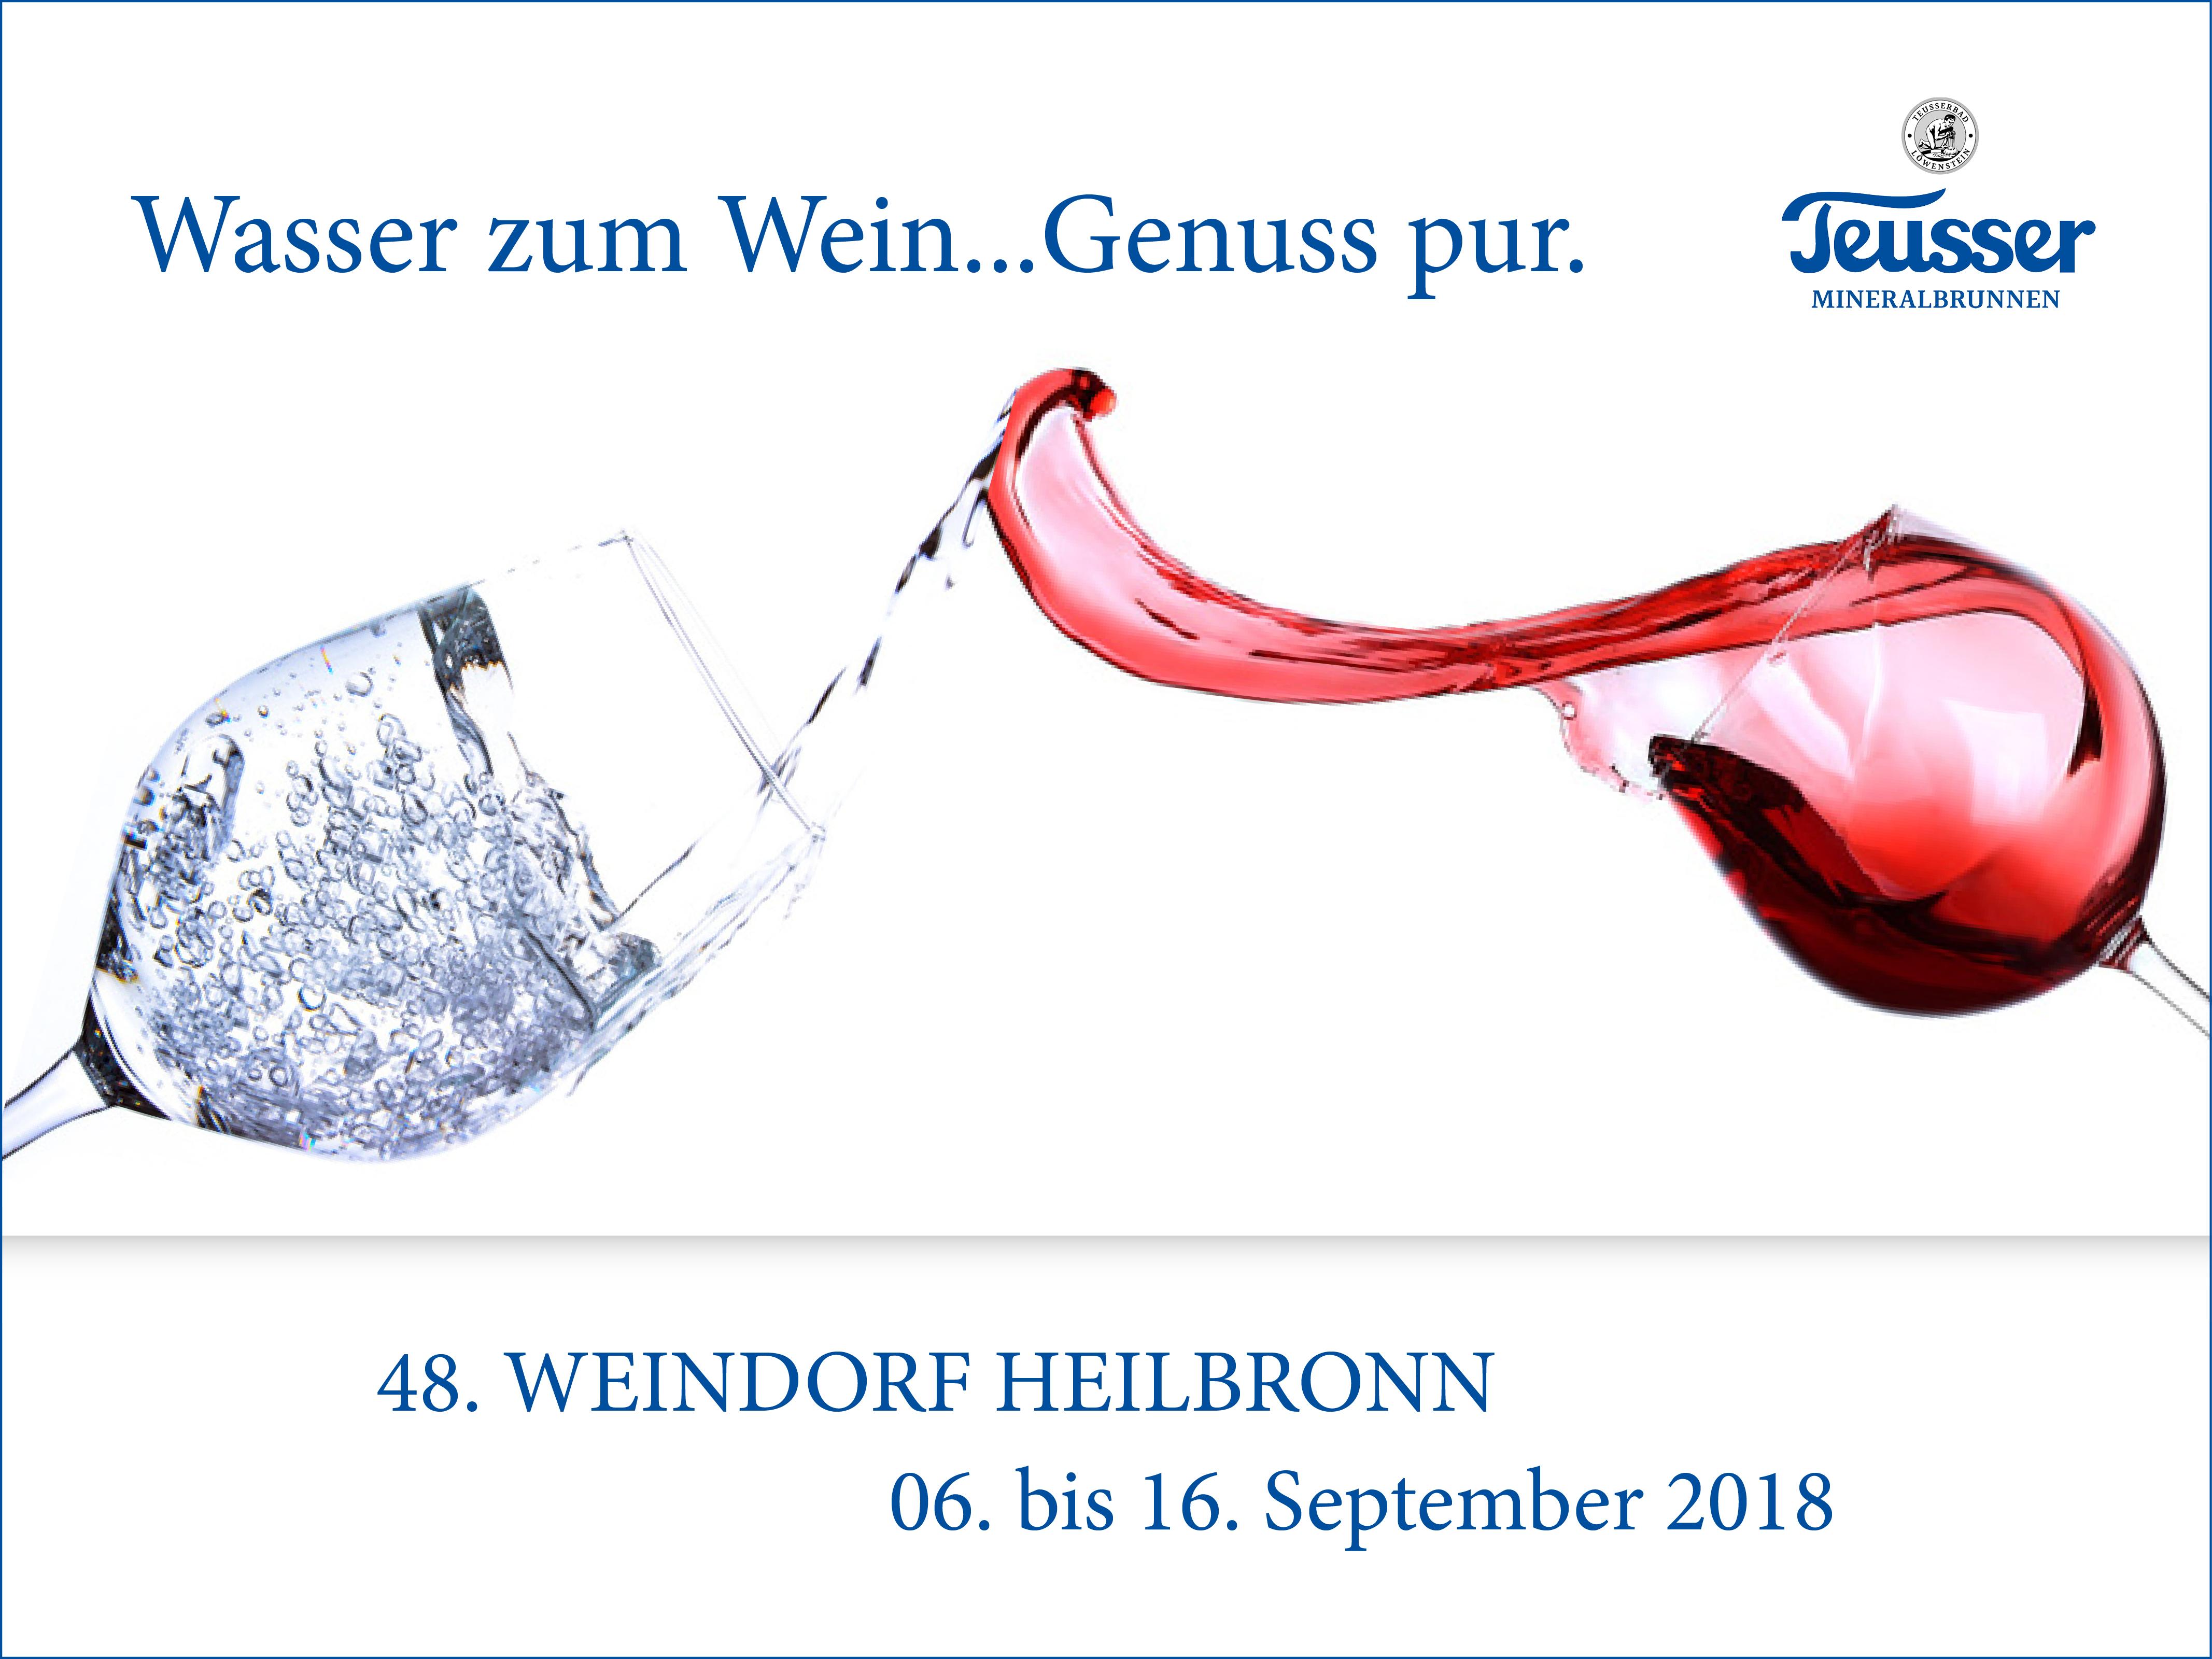 48. Heilbronner Weindorf – Wasser und Wein – purer Genuss